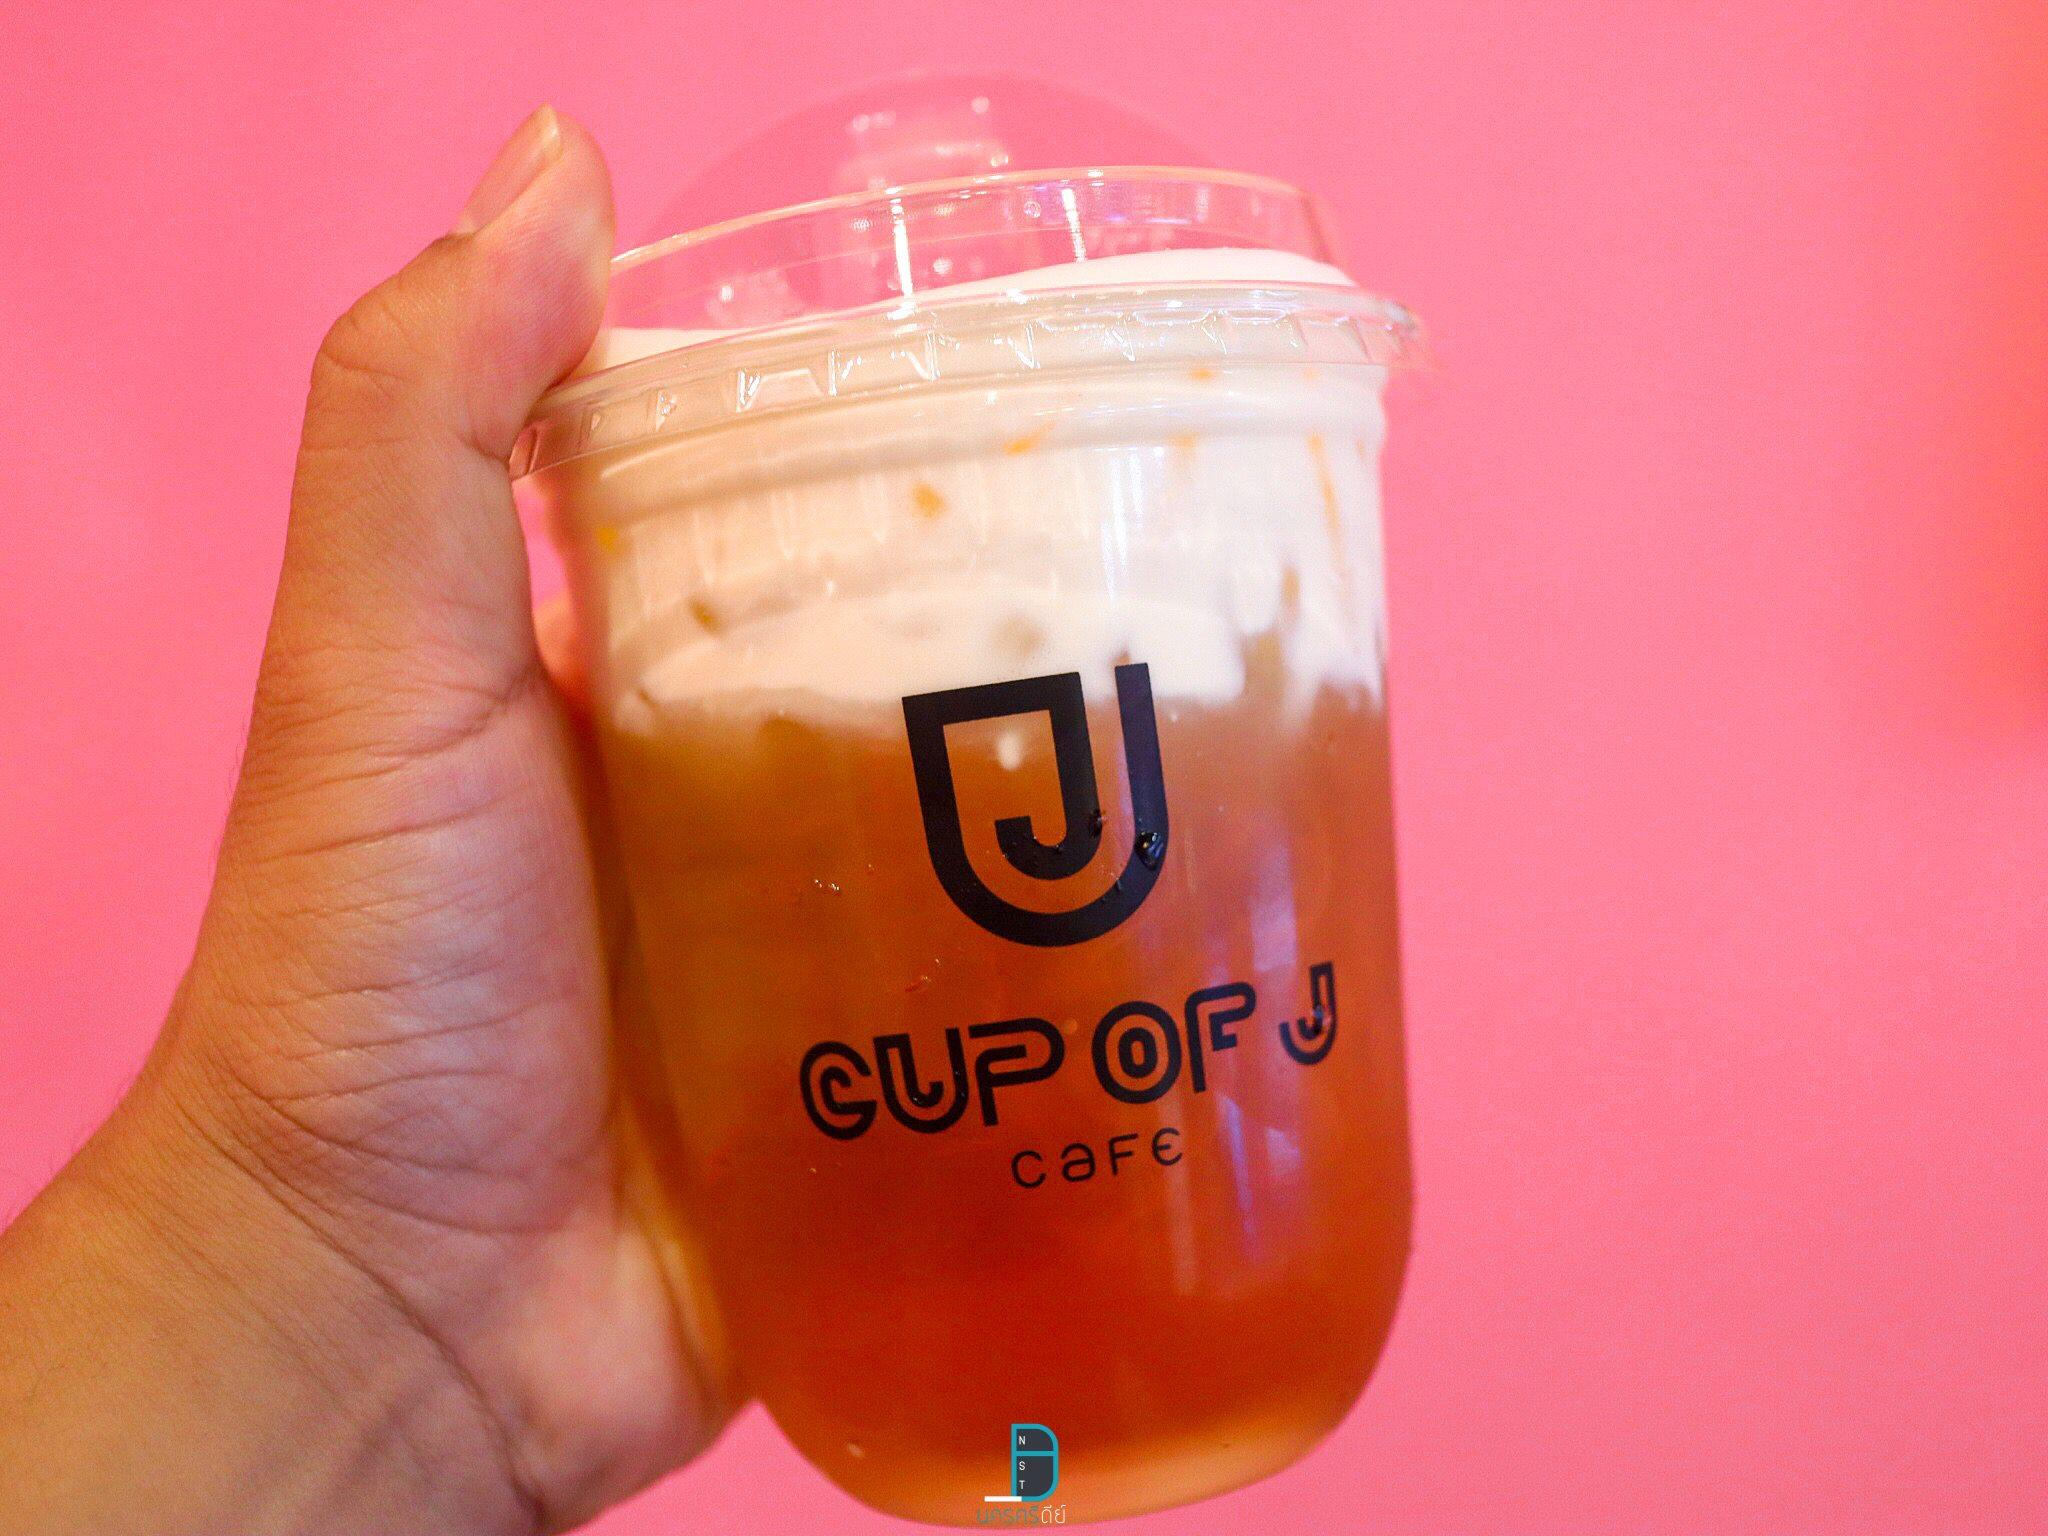 Cup of J ร้านชาไข่มุก นครศรีธรรมราช เมนูเด็ดเยอะมากกกก นครศรีดีย์